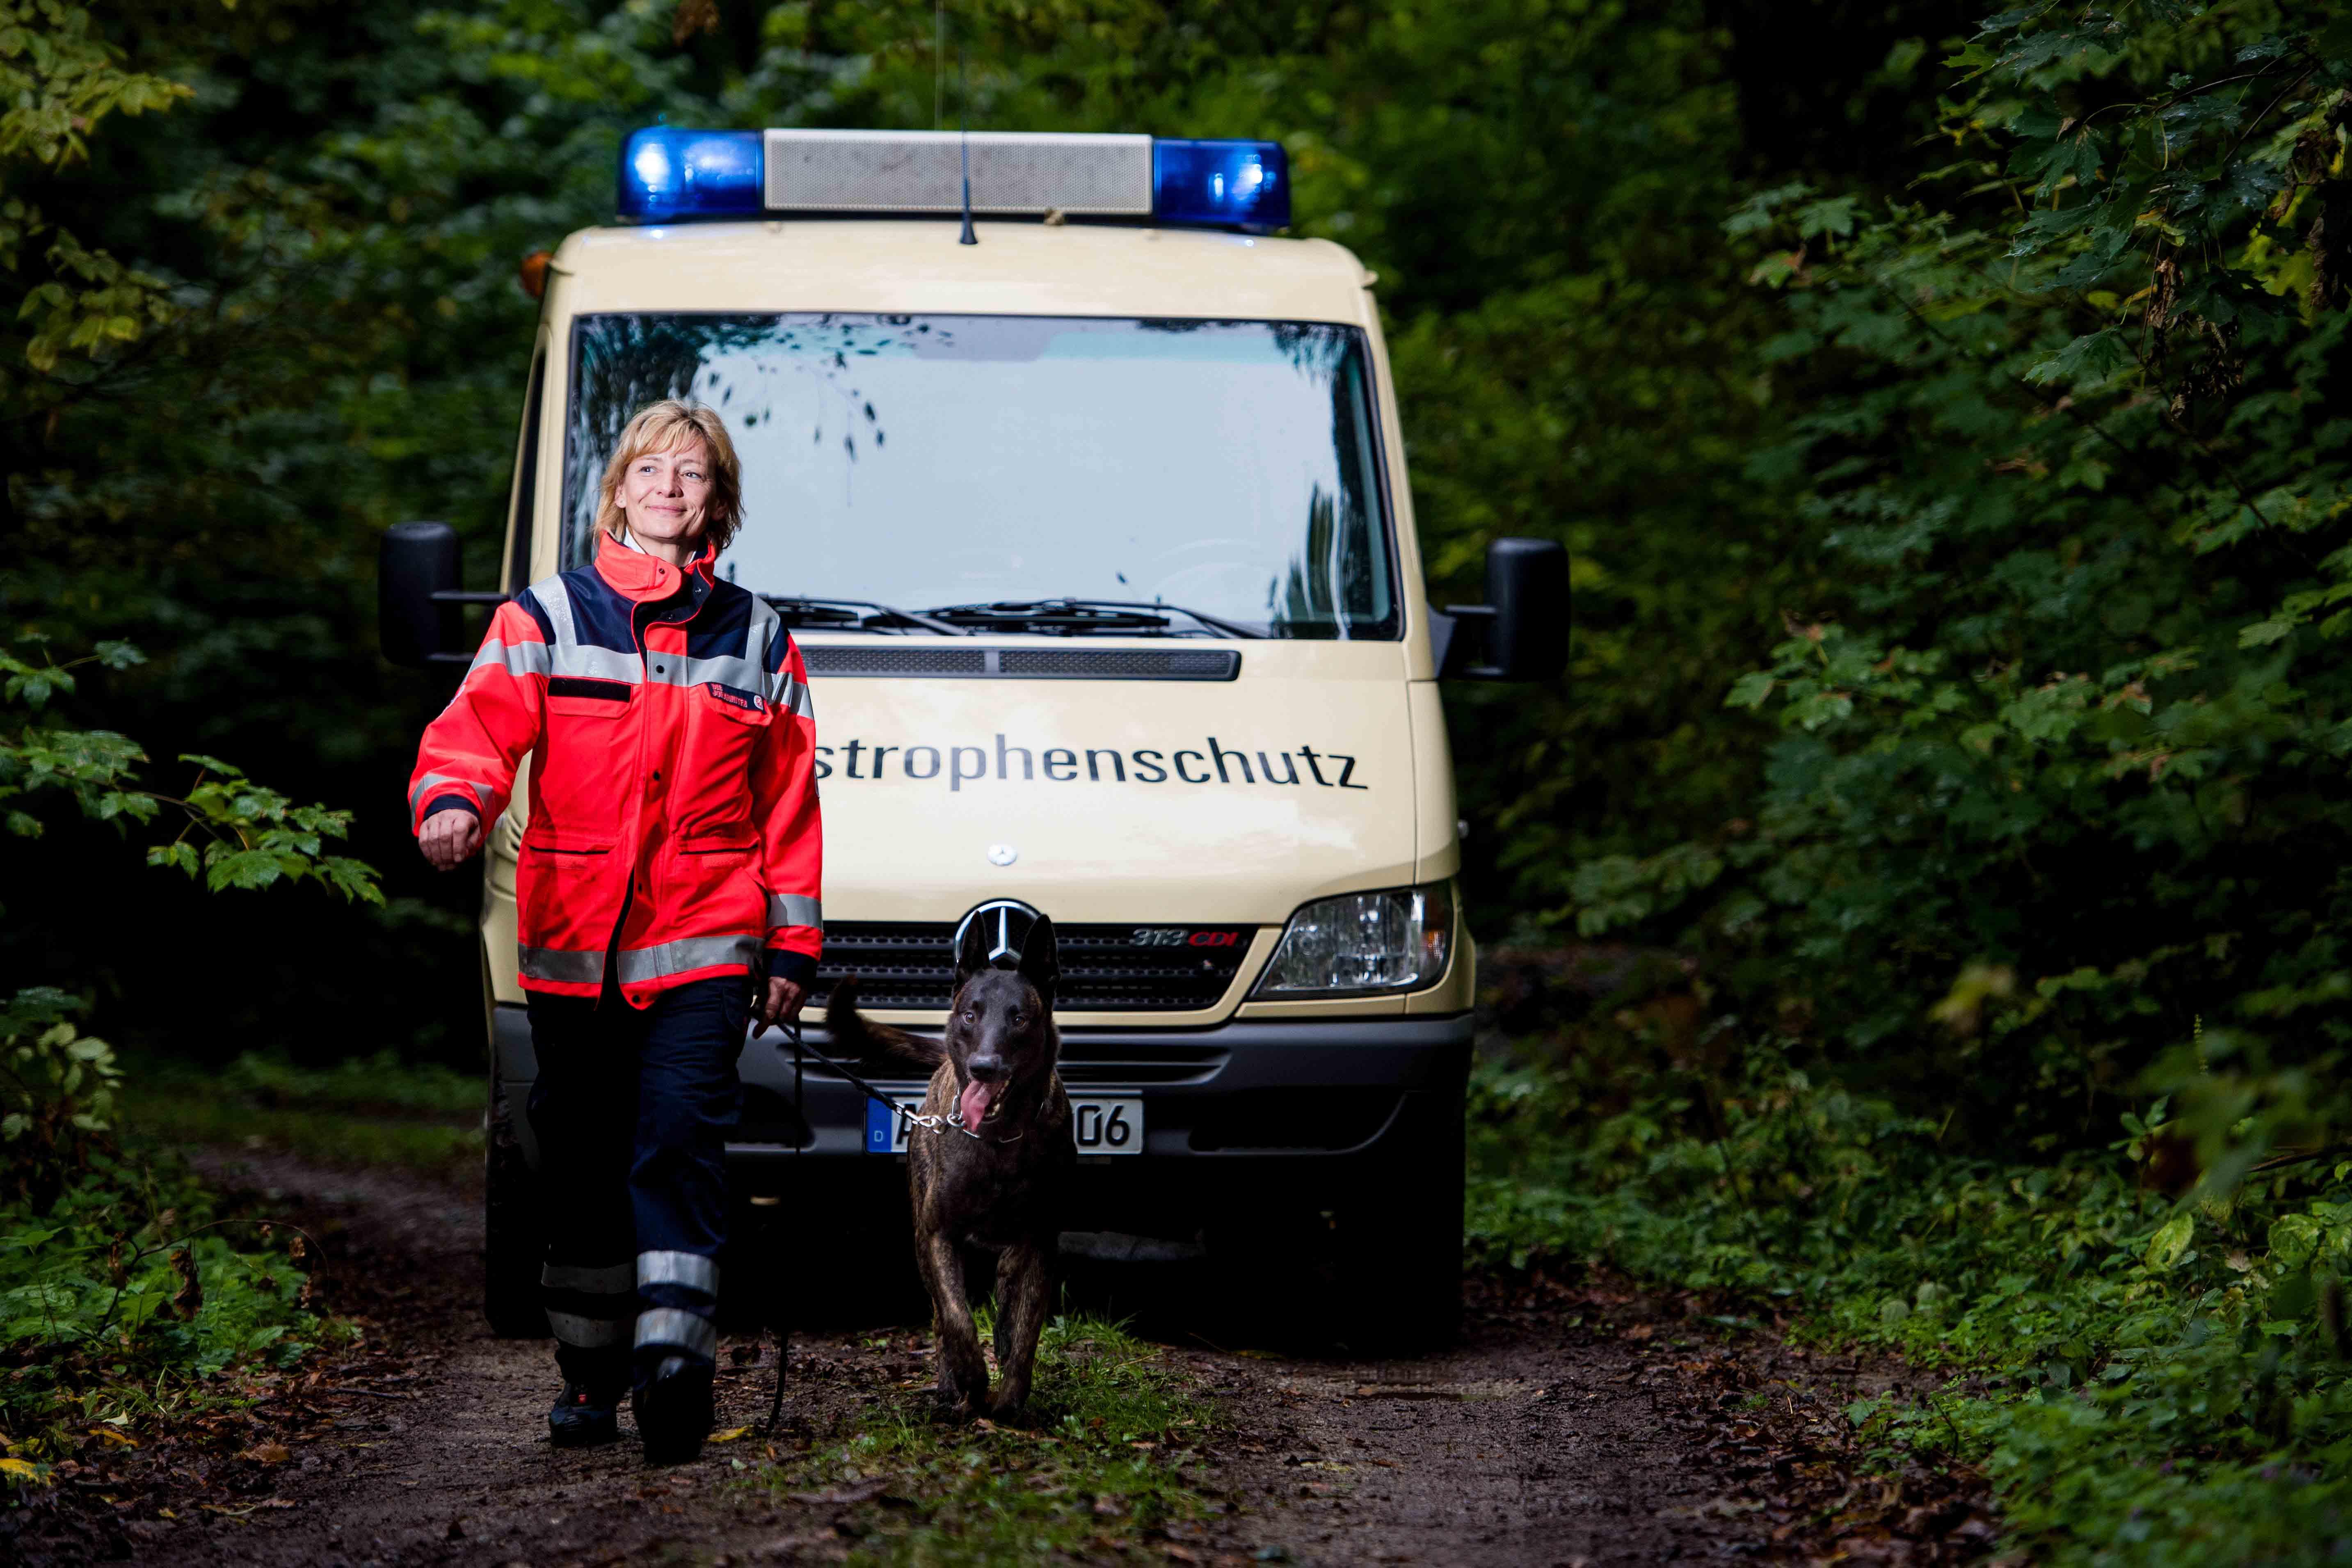 Ein Rettungshundeteam läuft im Wald. Dahinter fährt ein Auto des Katastrophenschutzes.